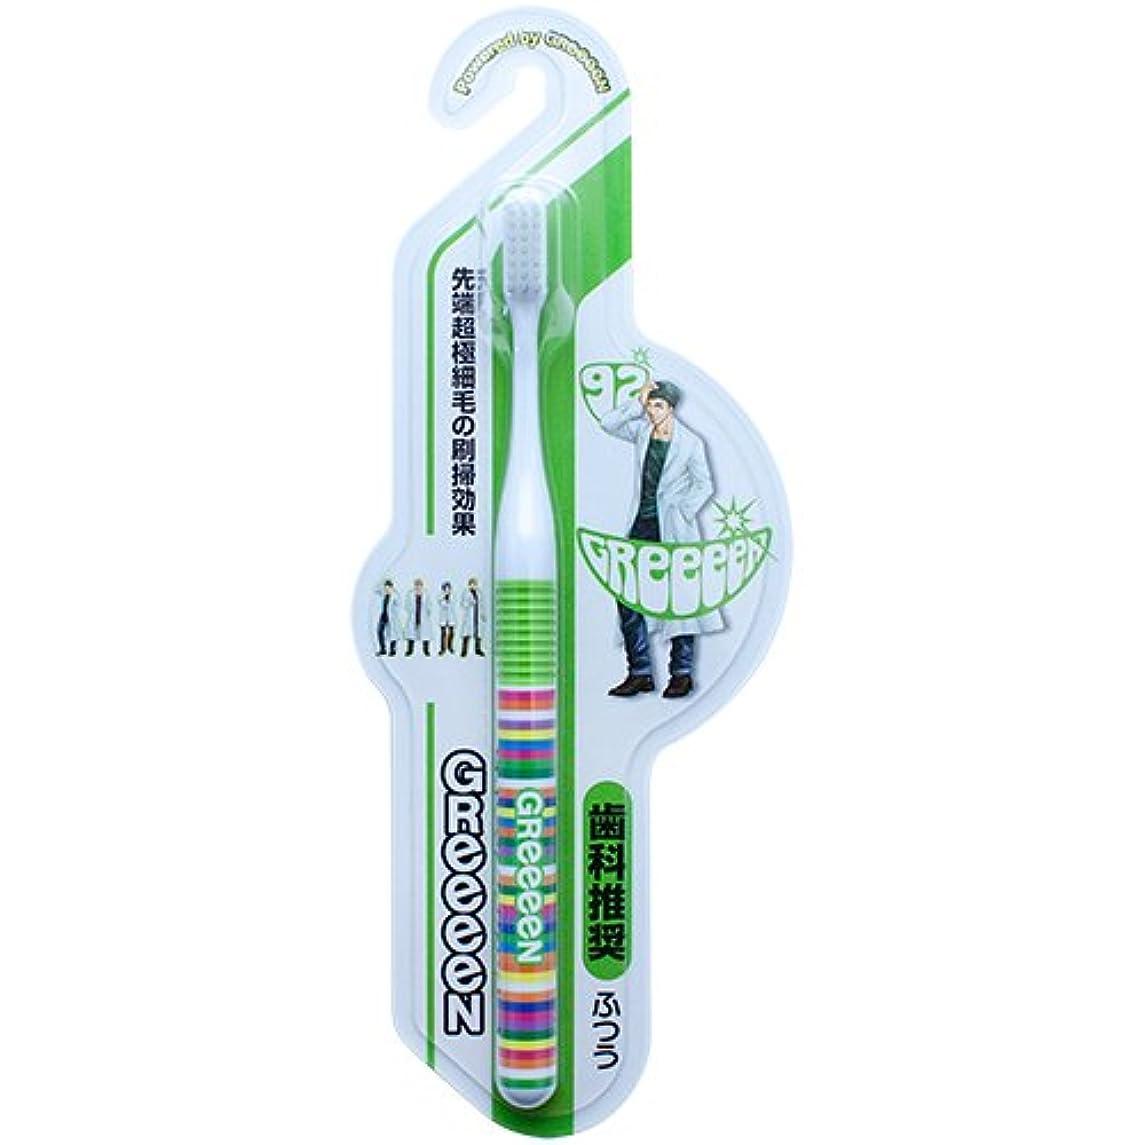 表示ラフレシアアルノルディ起点GReeeeN 3列ヘッドラバーグリップ超極細毛歯ブラシ SIRO 92 1本